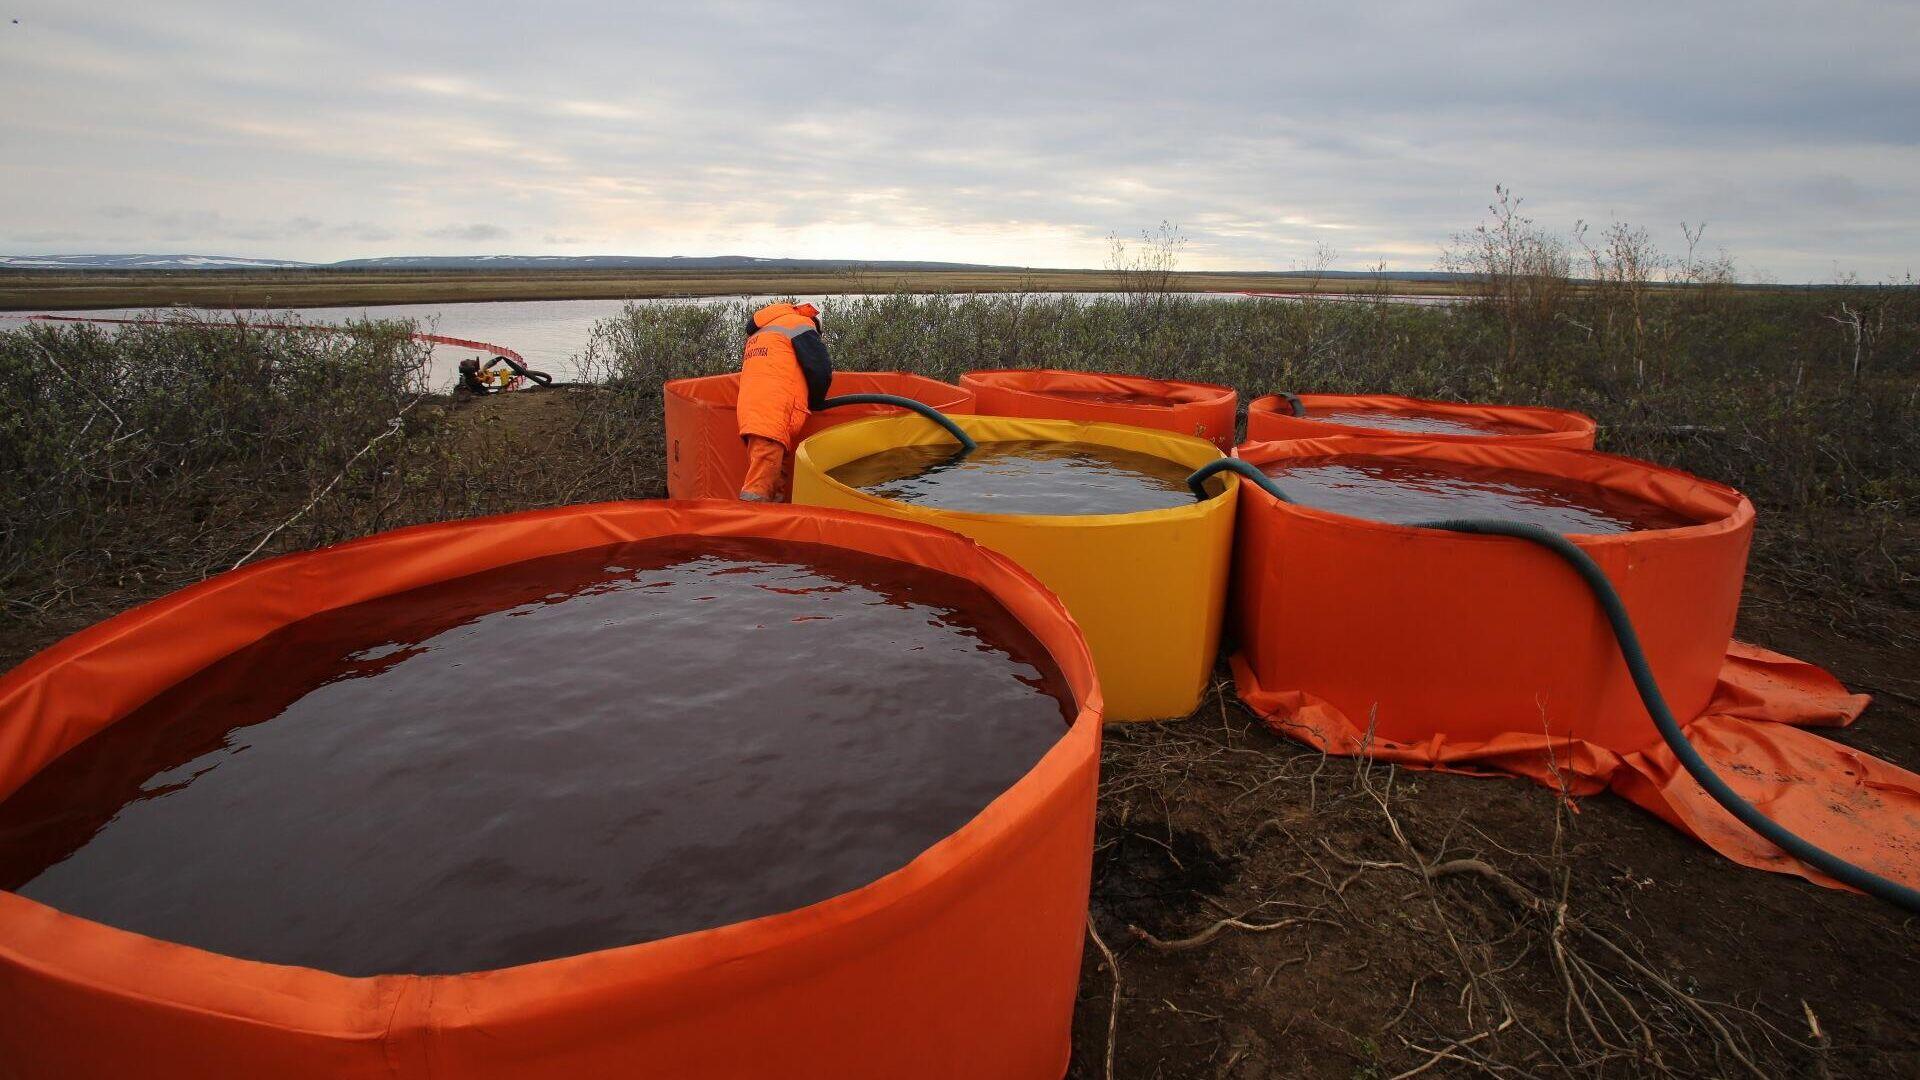 Сотрудники Морской спасательной службы проводят работы по ликвидации нефтяного пятна в устье реки Амбарная - РИА Новости, 1920, 04.06.2020